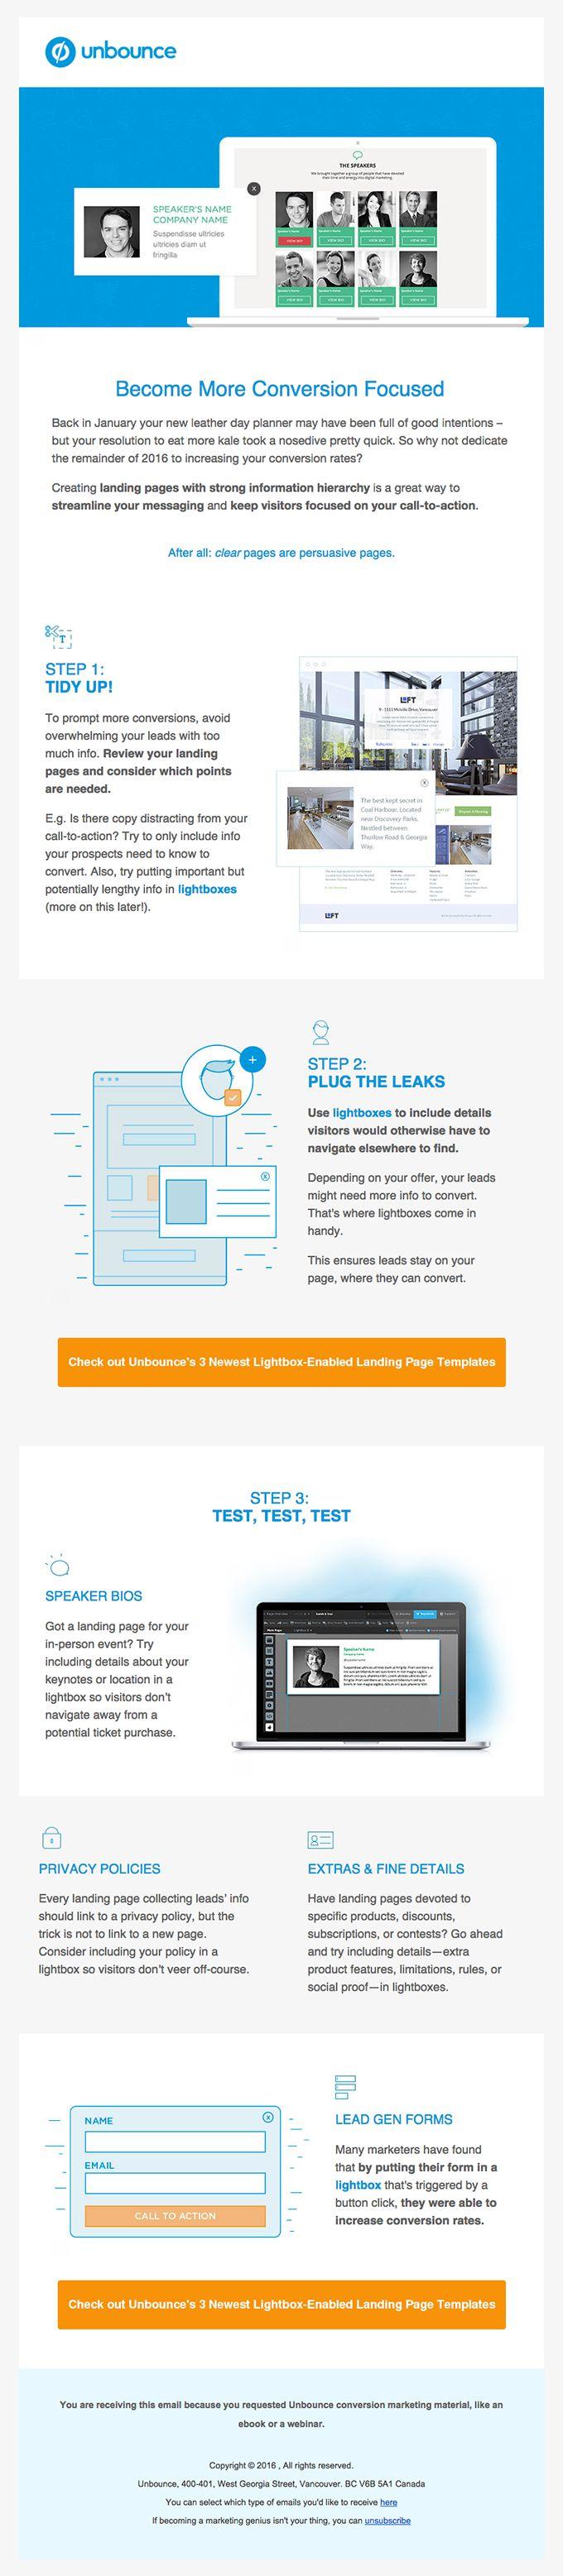 33 best Email Design images on Pinterest | Email newsletter design ...